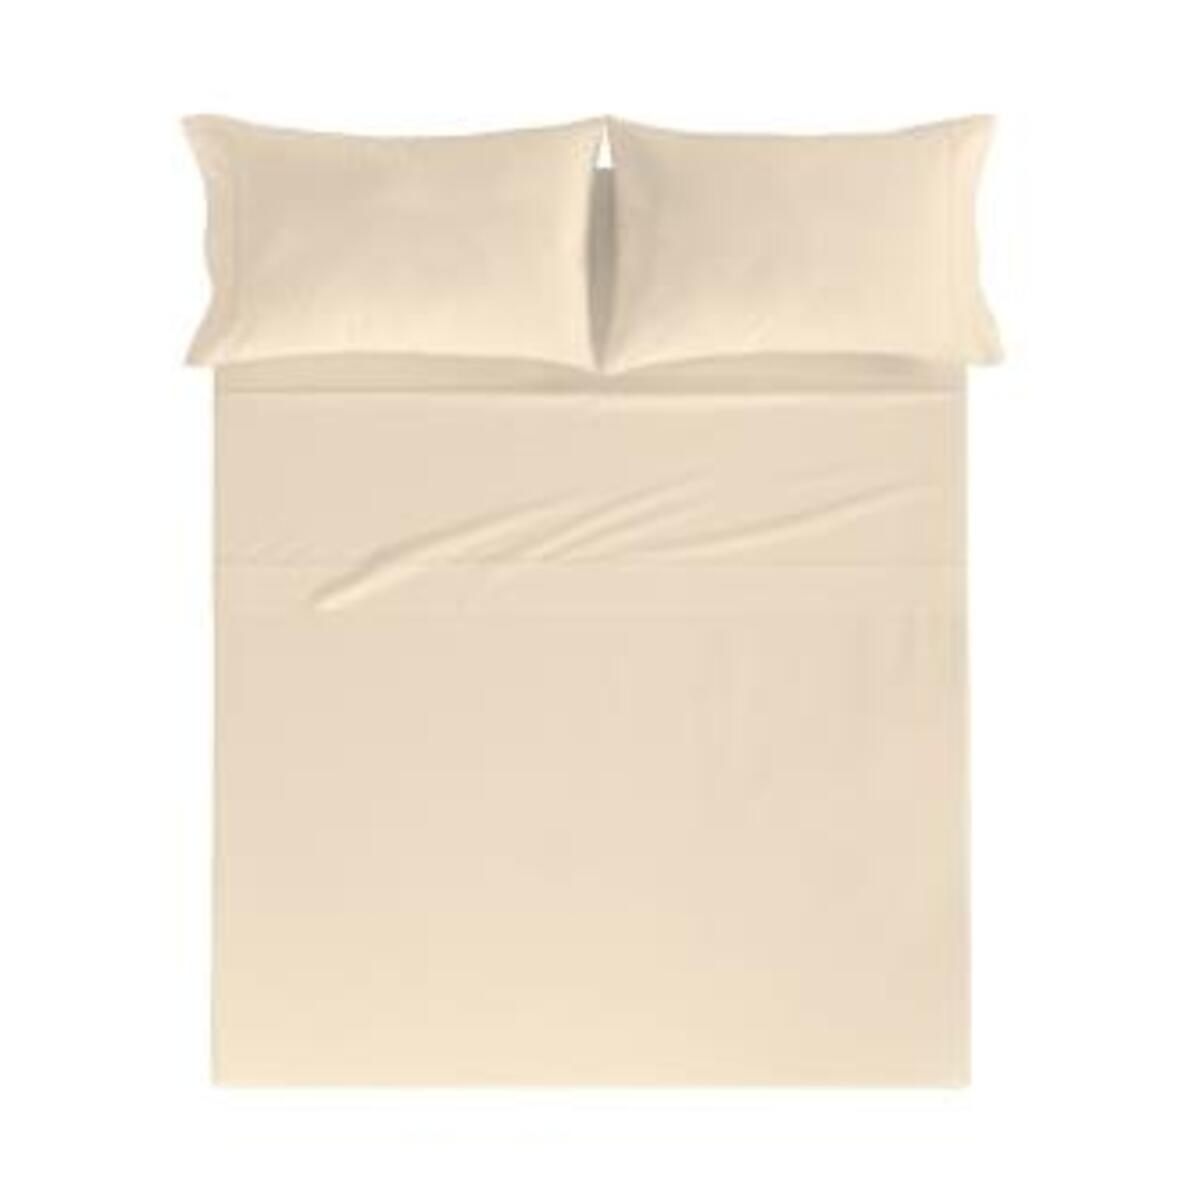 Drap de lit en coton percale crème 160x280